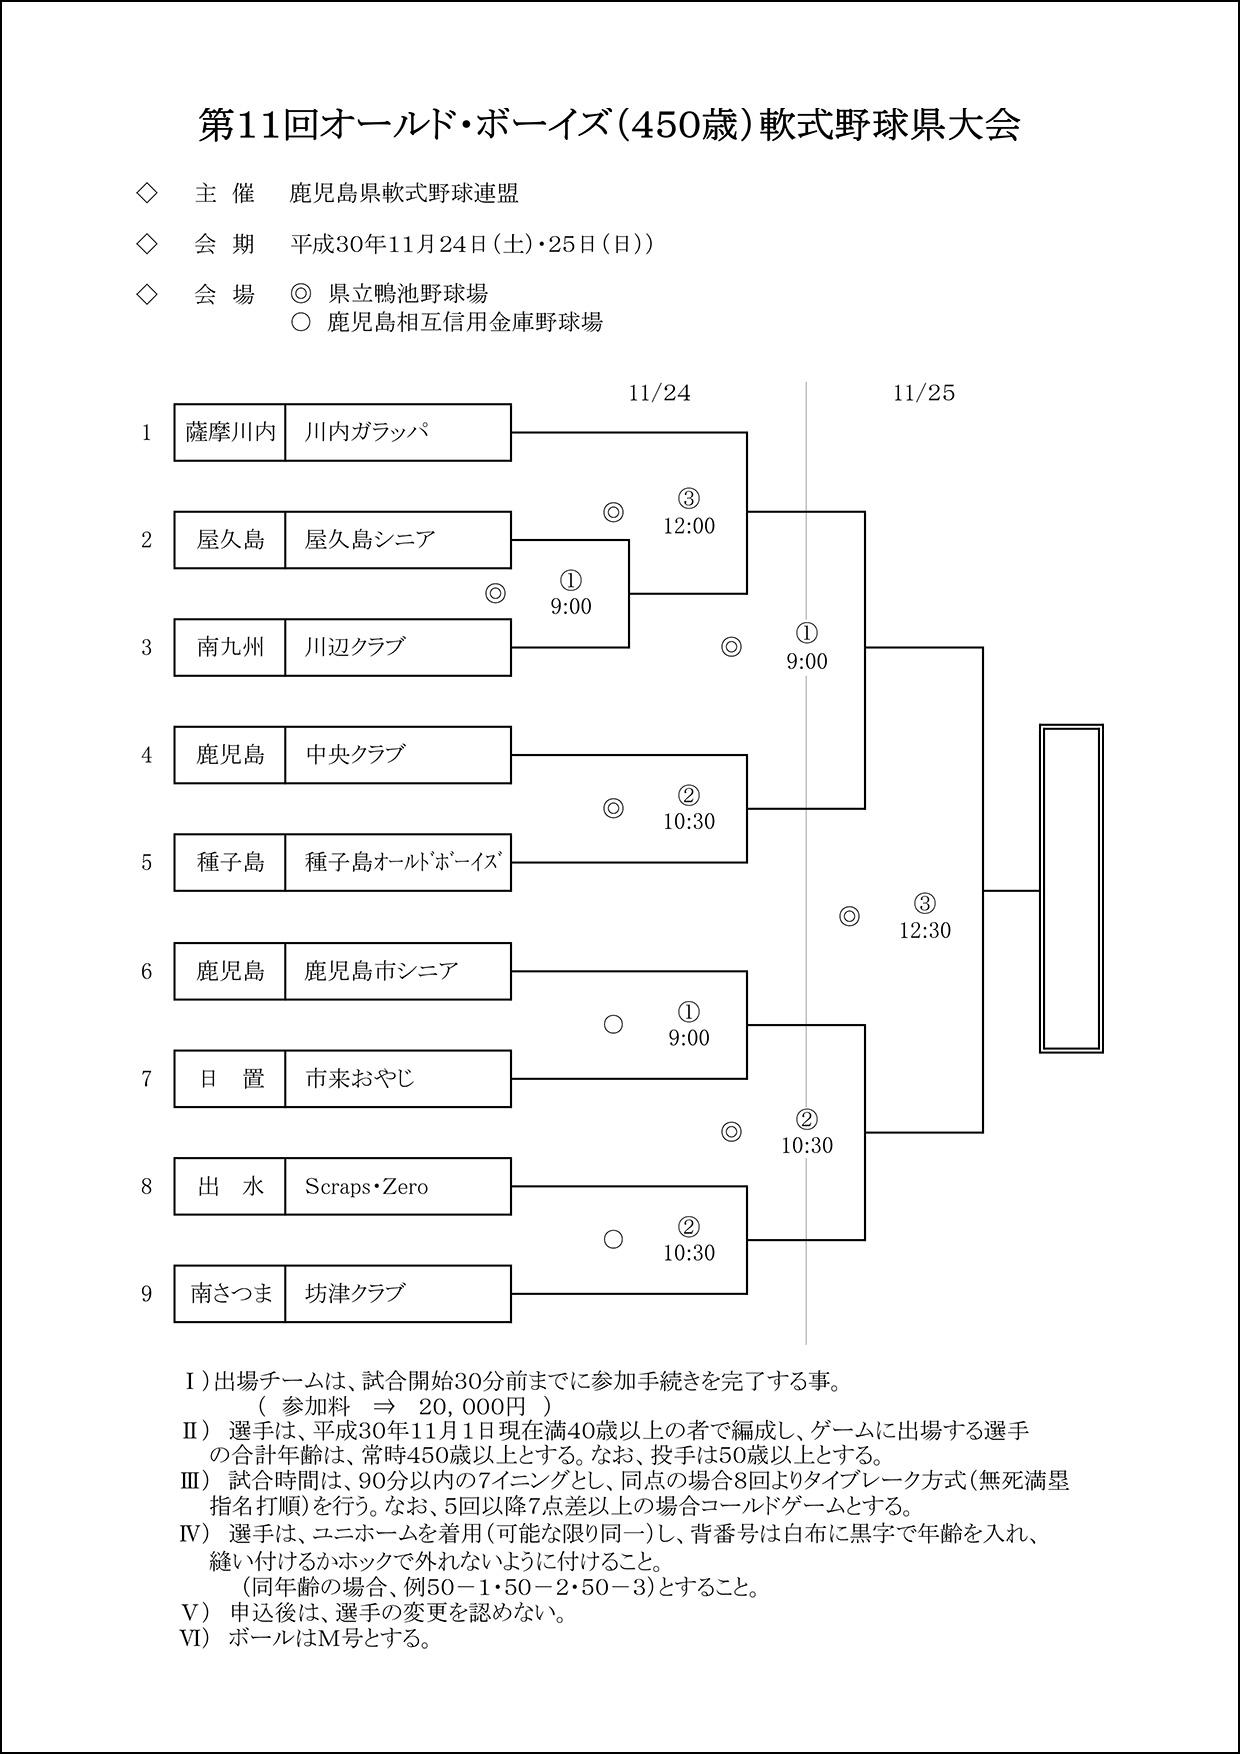 【組み合わせ】第11回オールドボーイズ大会